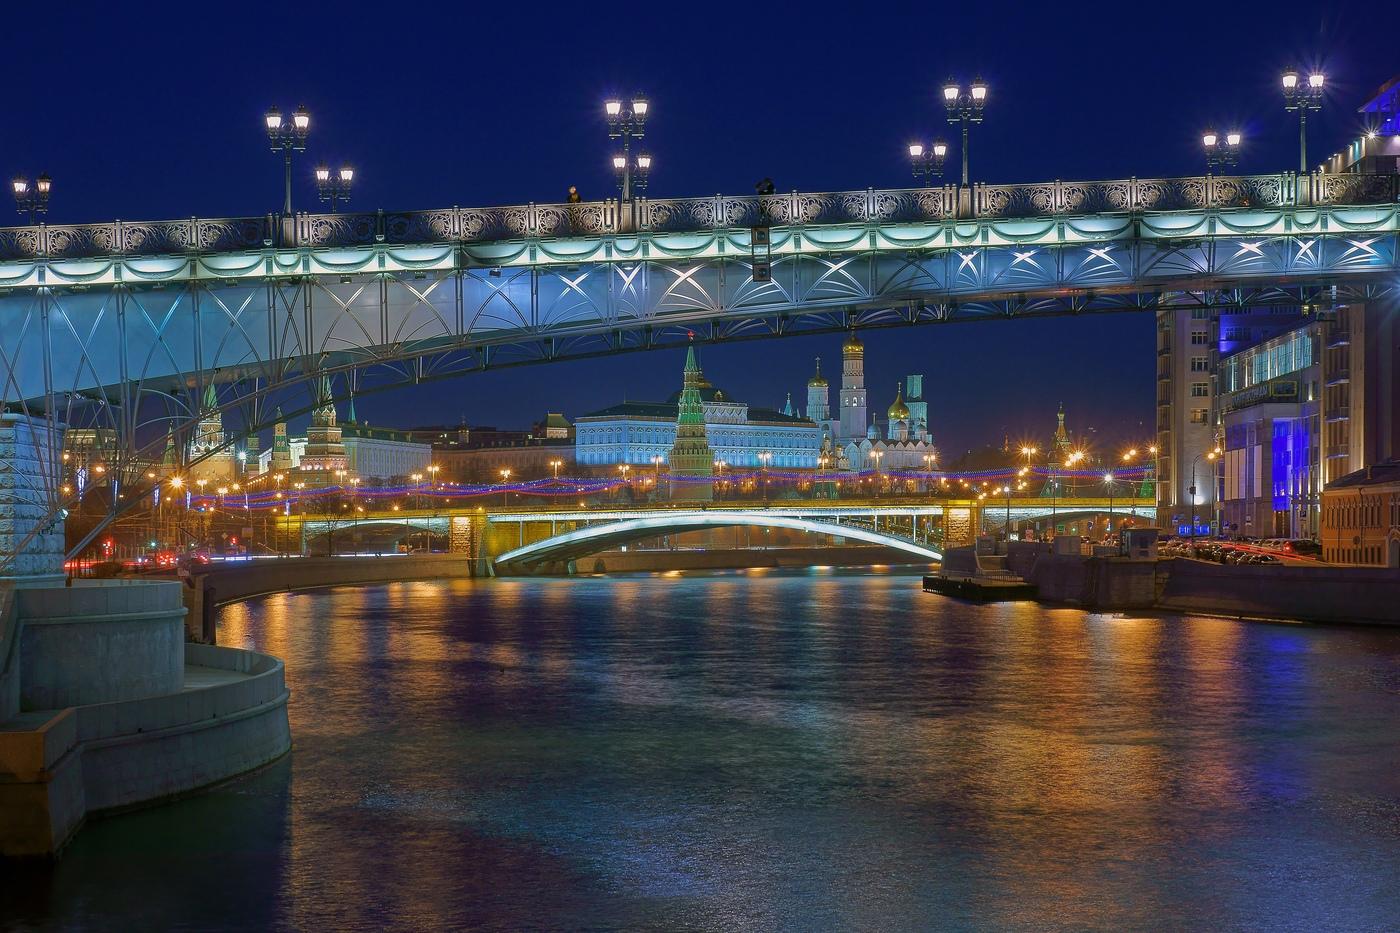 фото подсветки Патриаршего моста